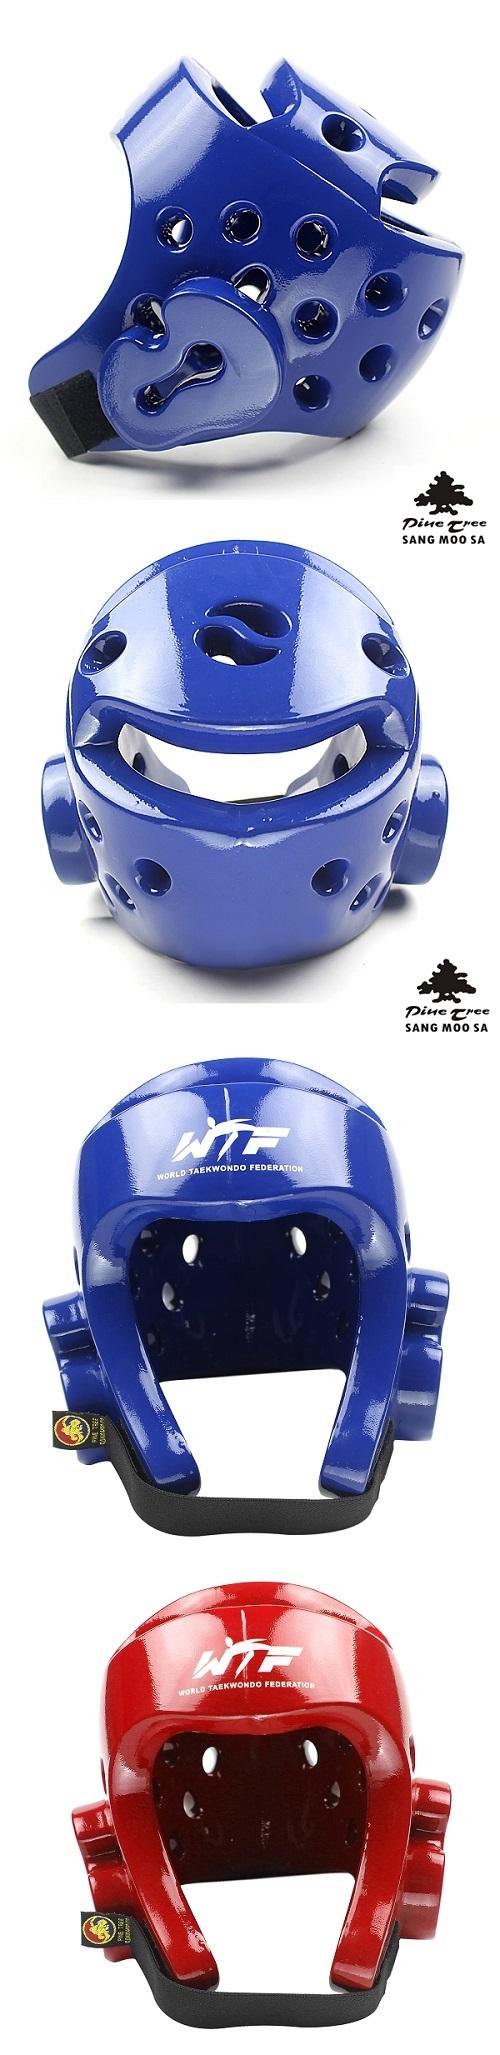 Kampfsport Kopfschutz